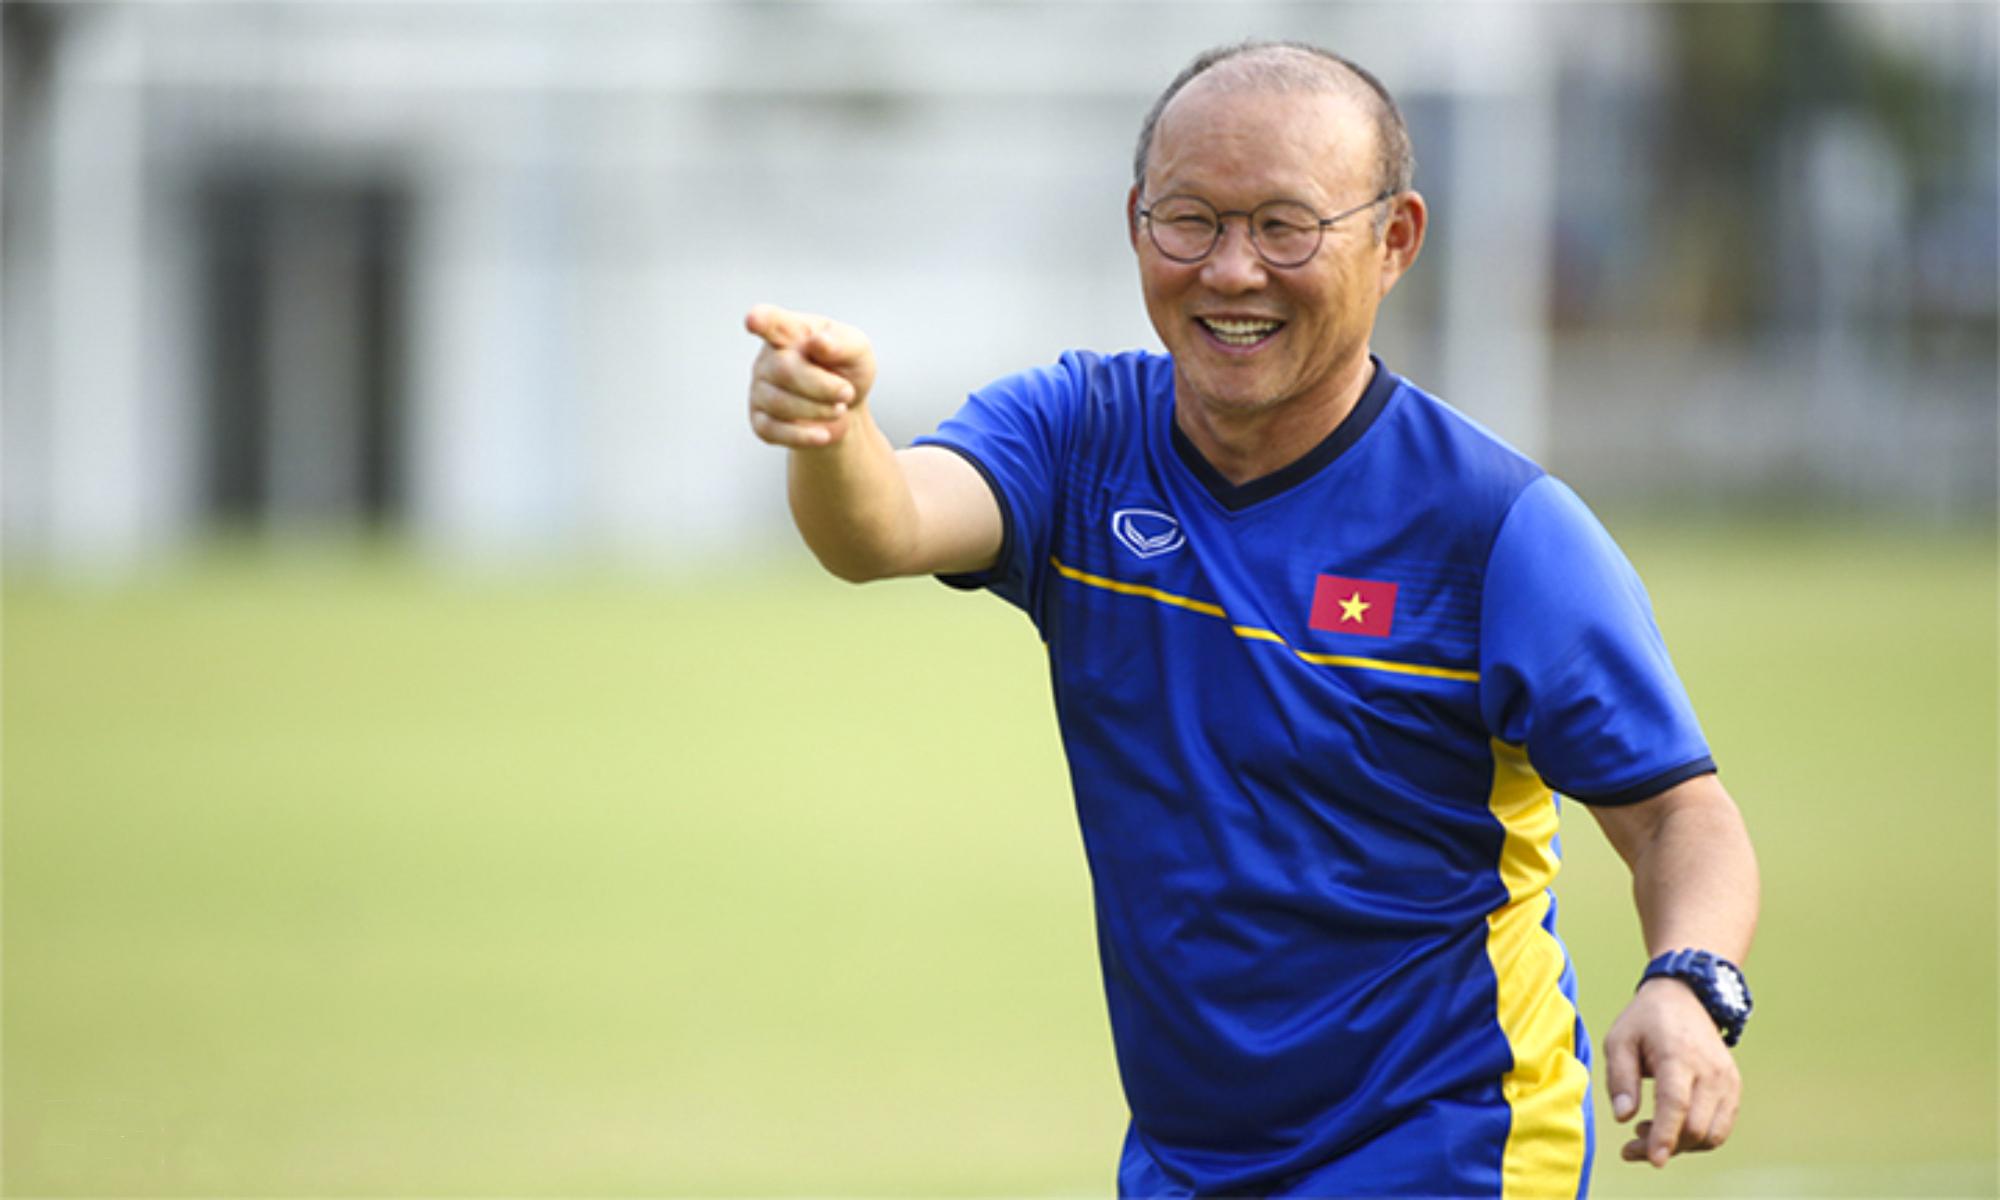 10 người nổi tiếng có ảnh hưởng nhất MXH Việt Nam: Sơn Tùng M-TP phải \u0027hít khói\u0027 một gương mặt mới toanh!